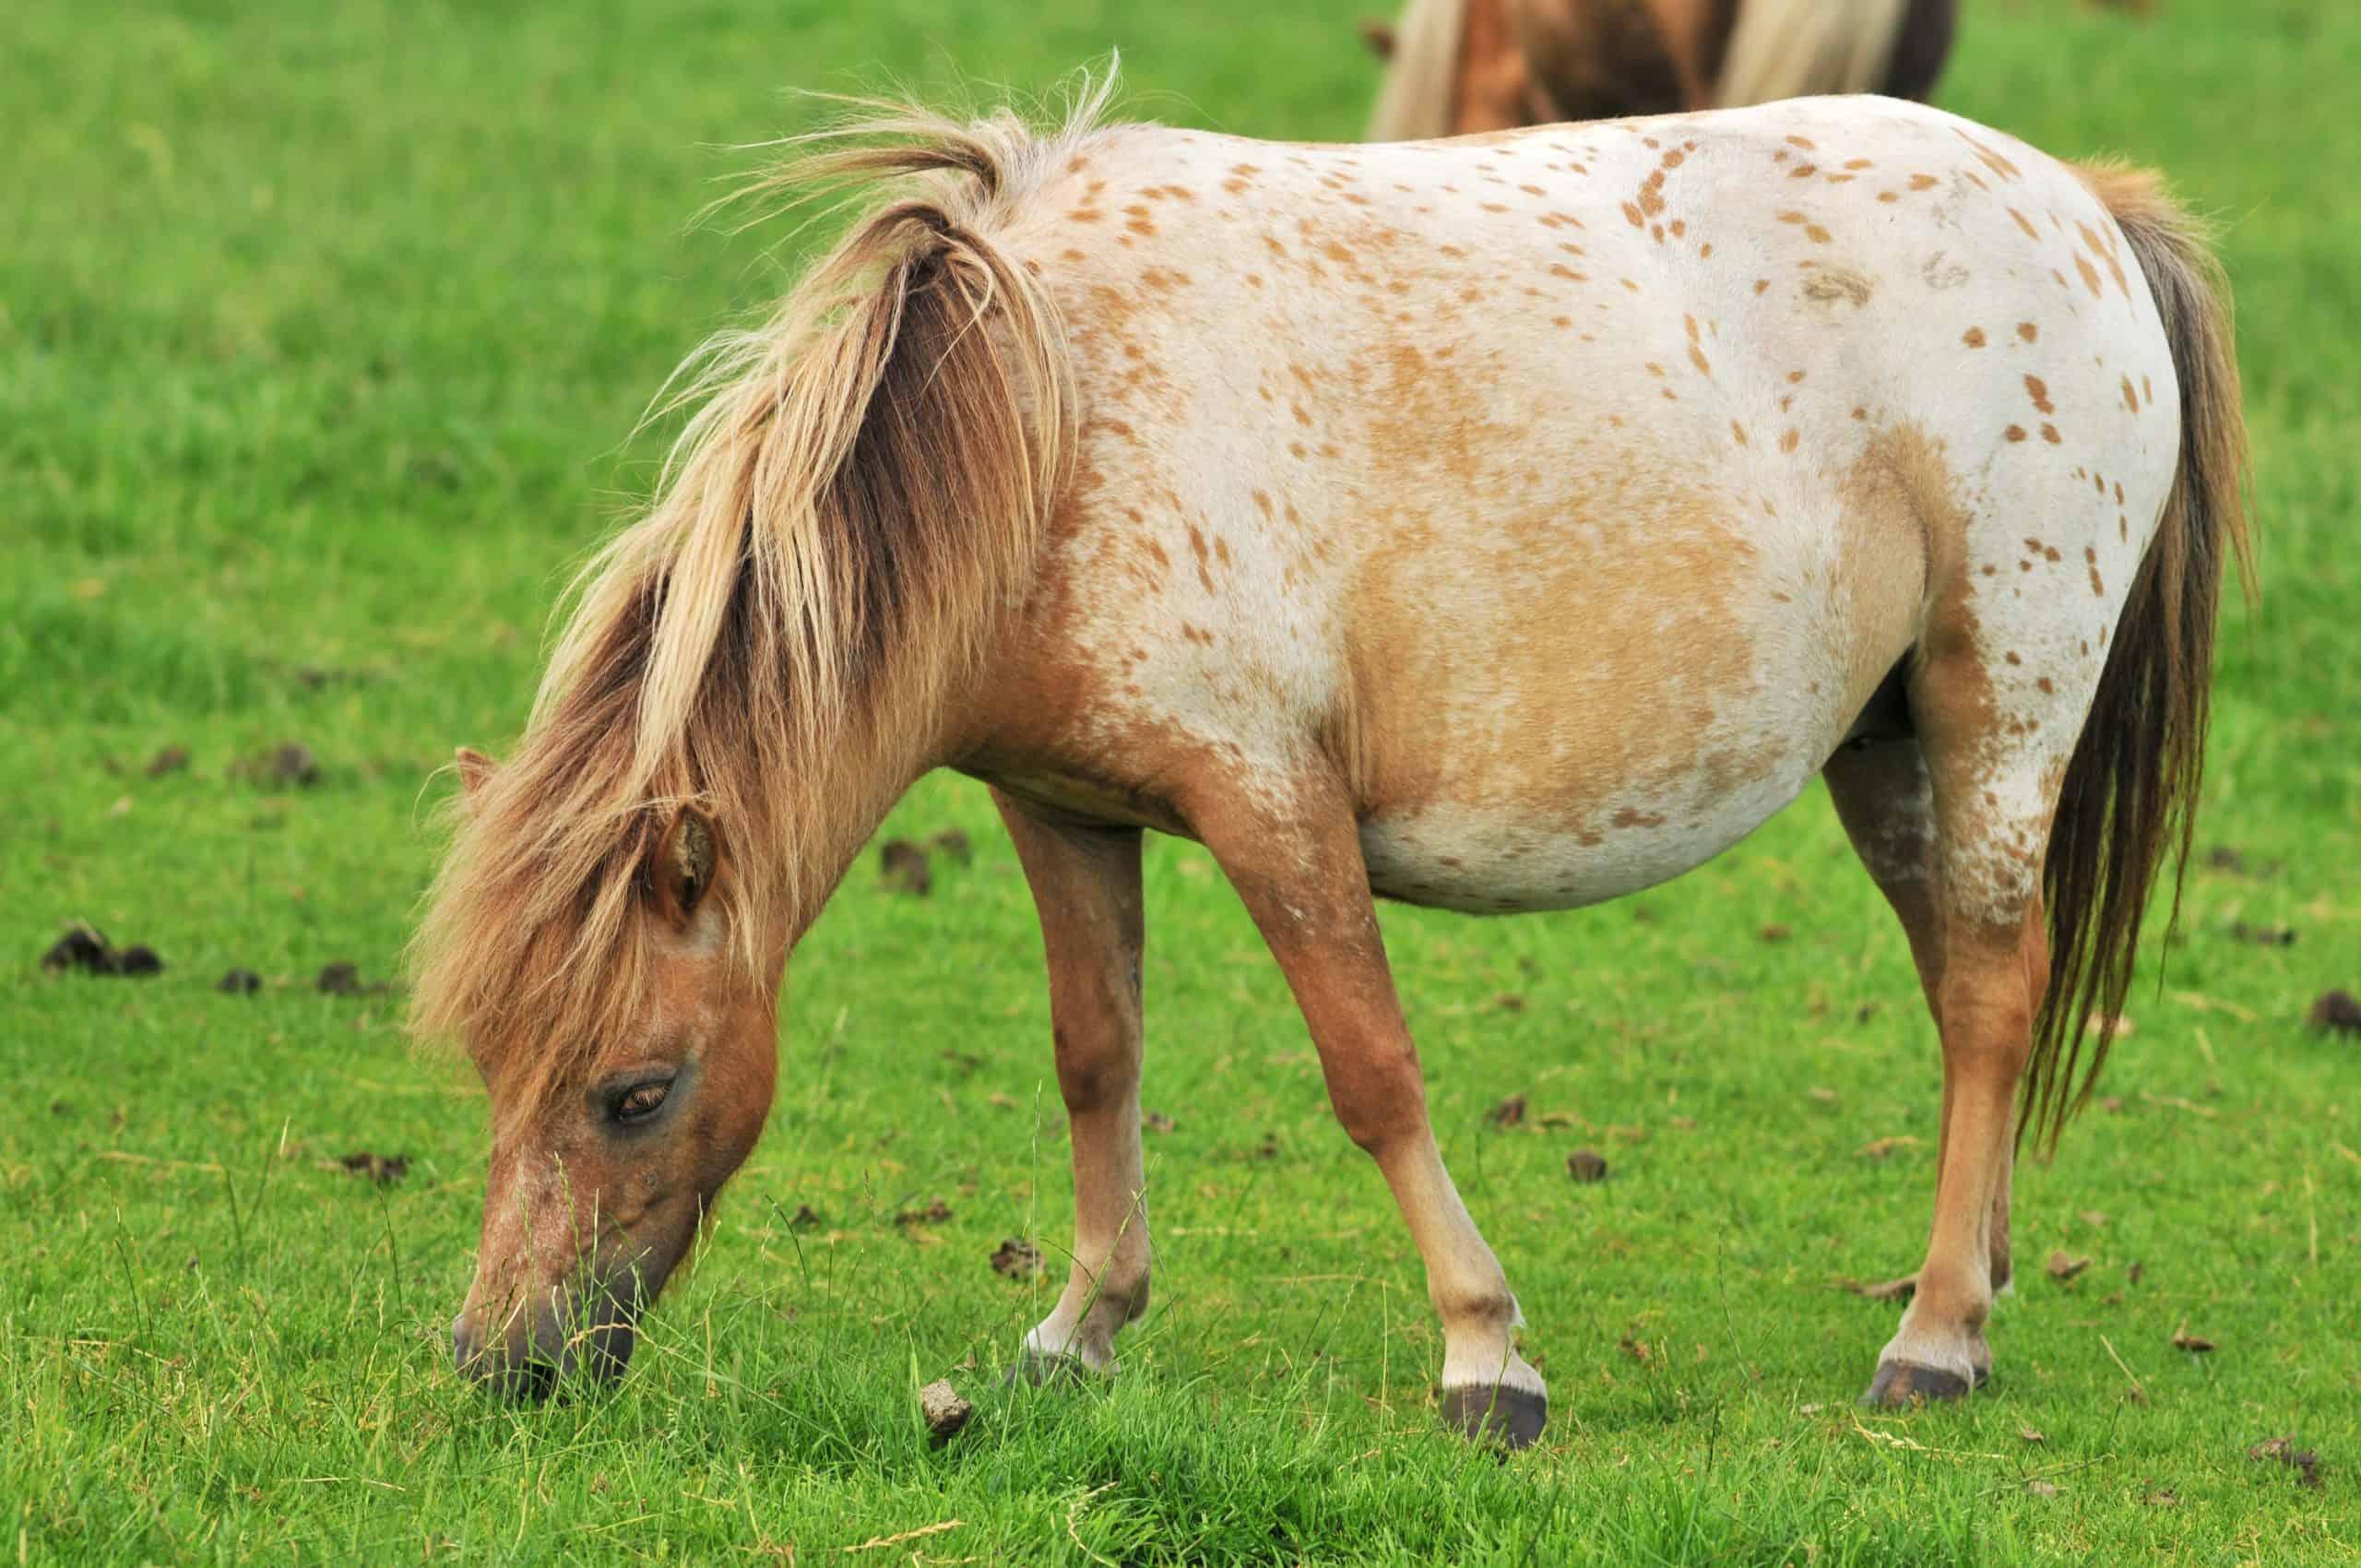 pregnant American mini horse in the grass